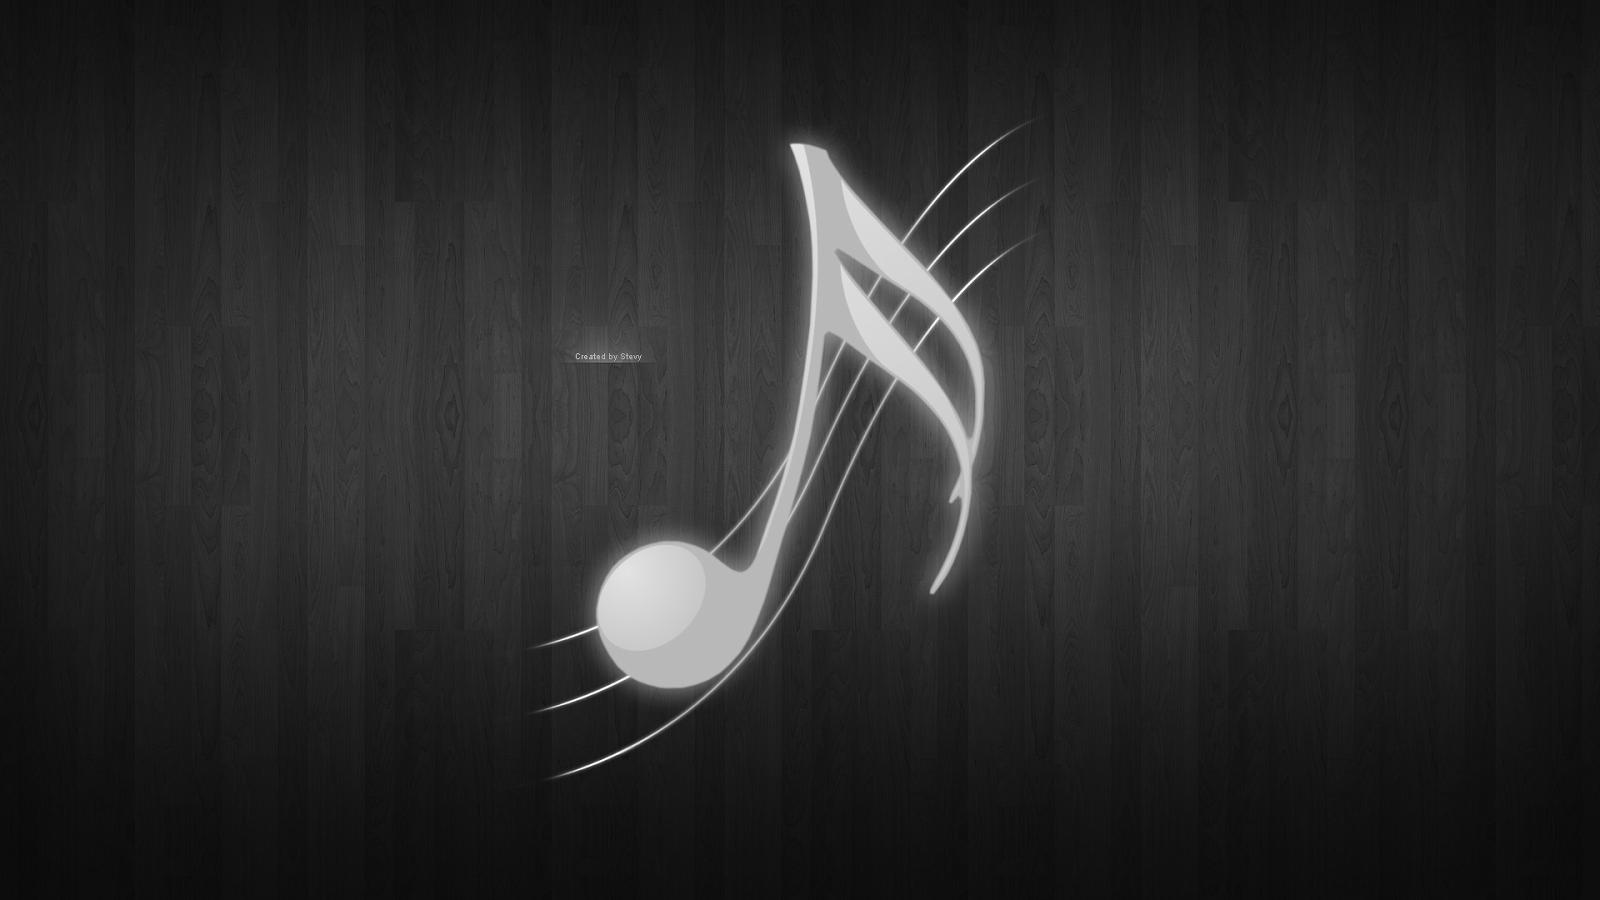 http://2.bp.blogspot.com/-8GpmRR9bEo0/UNEB1CwCQMI/AAAAAAAABjw/coLpb2wr9uQ/s1600/music_wallpaper_hd_1080p_b_w_by_stevy_arts-d35urzx.png